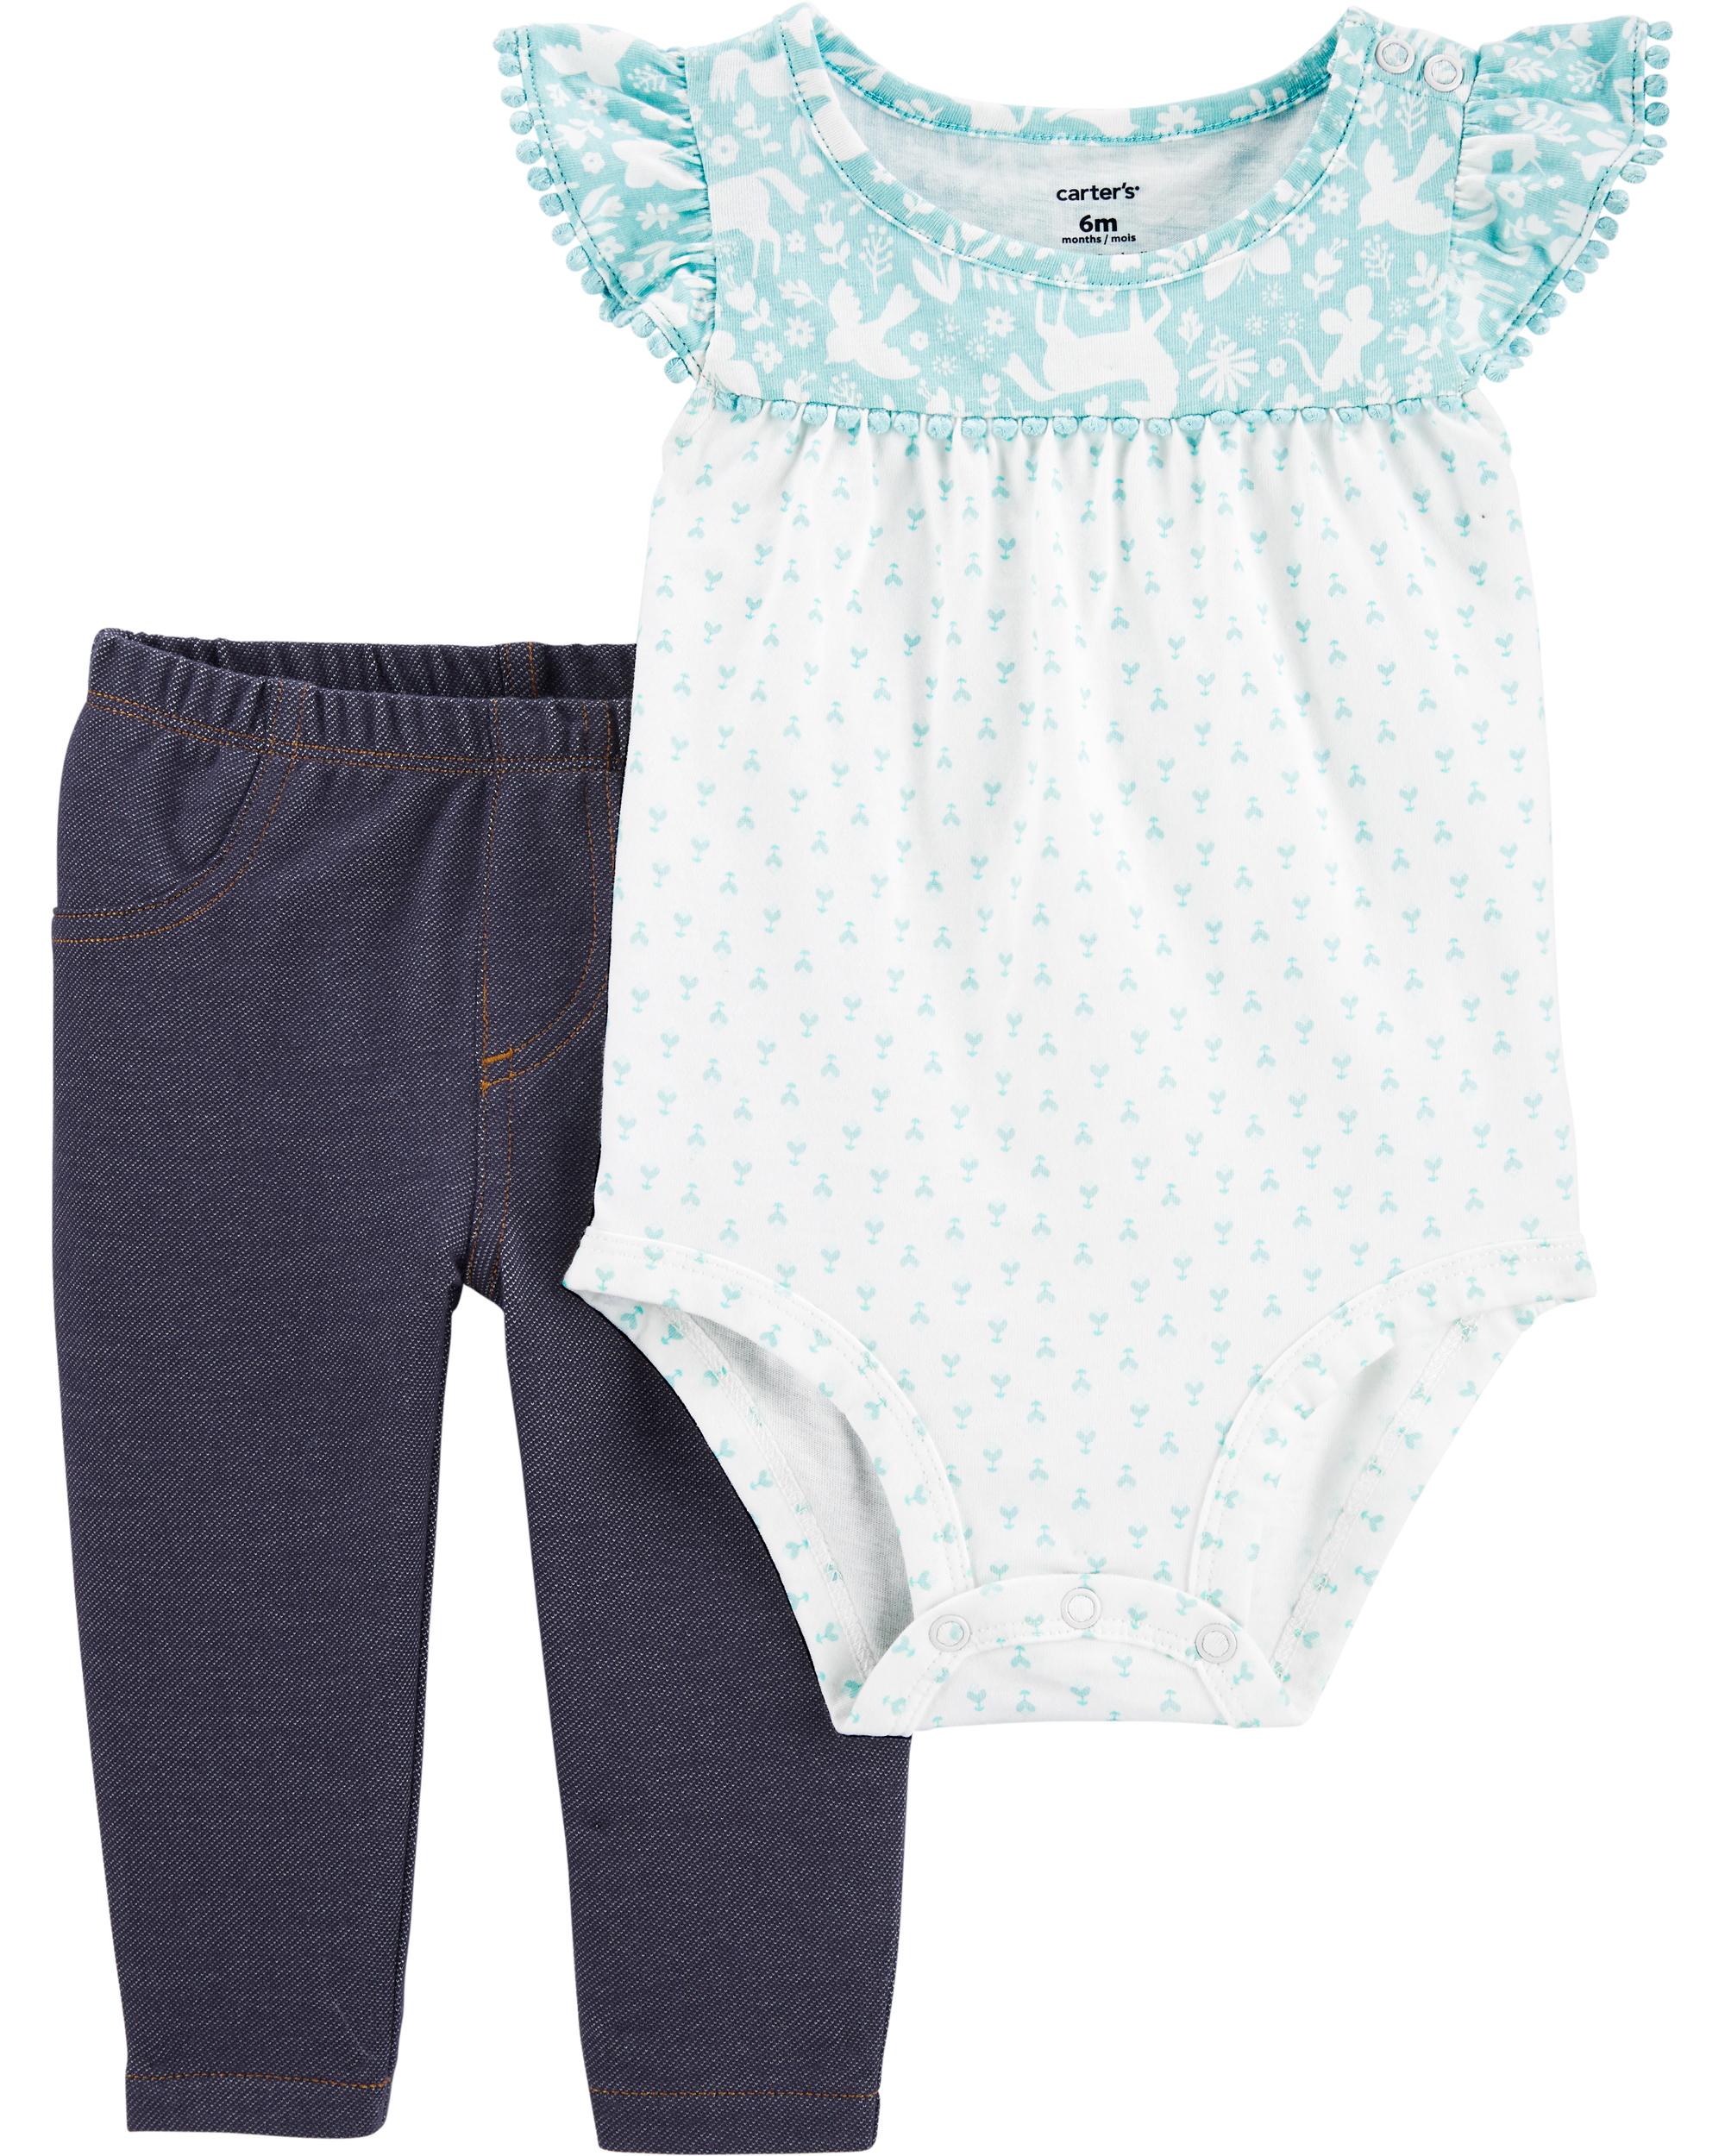 Oshkoshbgosh 2-Piece Crocheted Bodysuit Pant Set